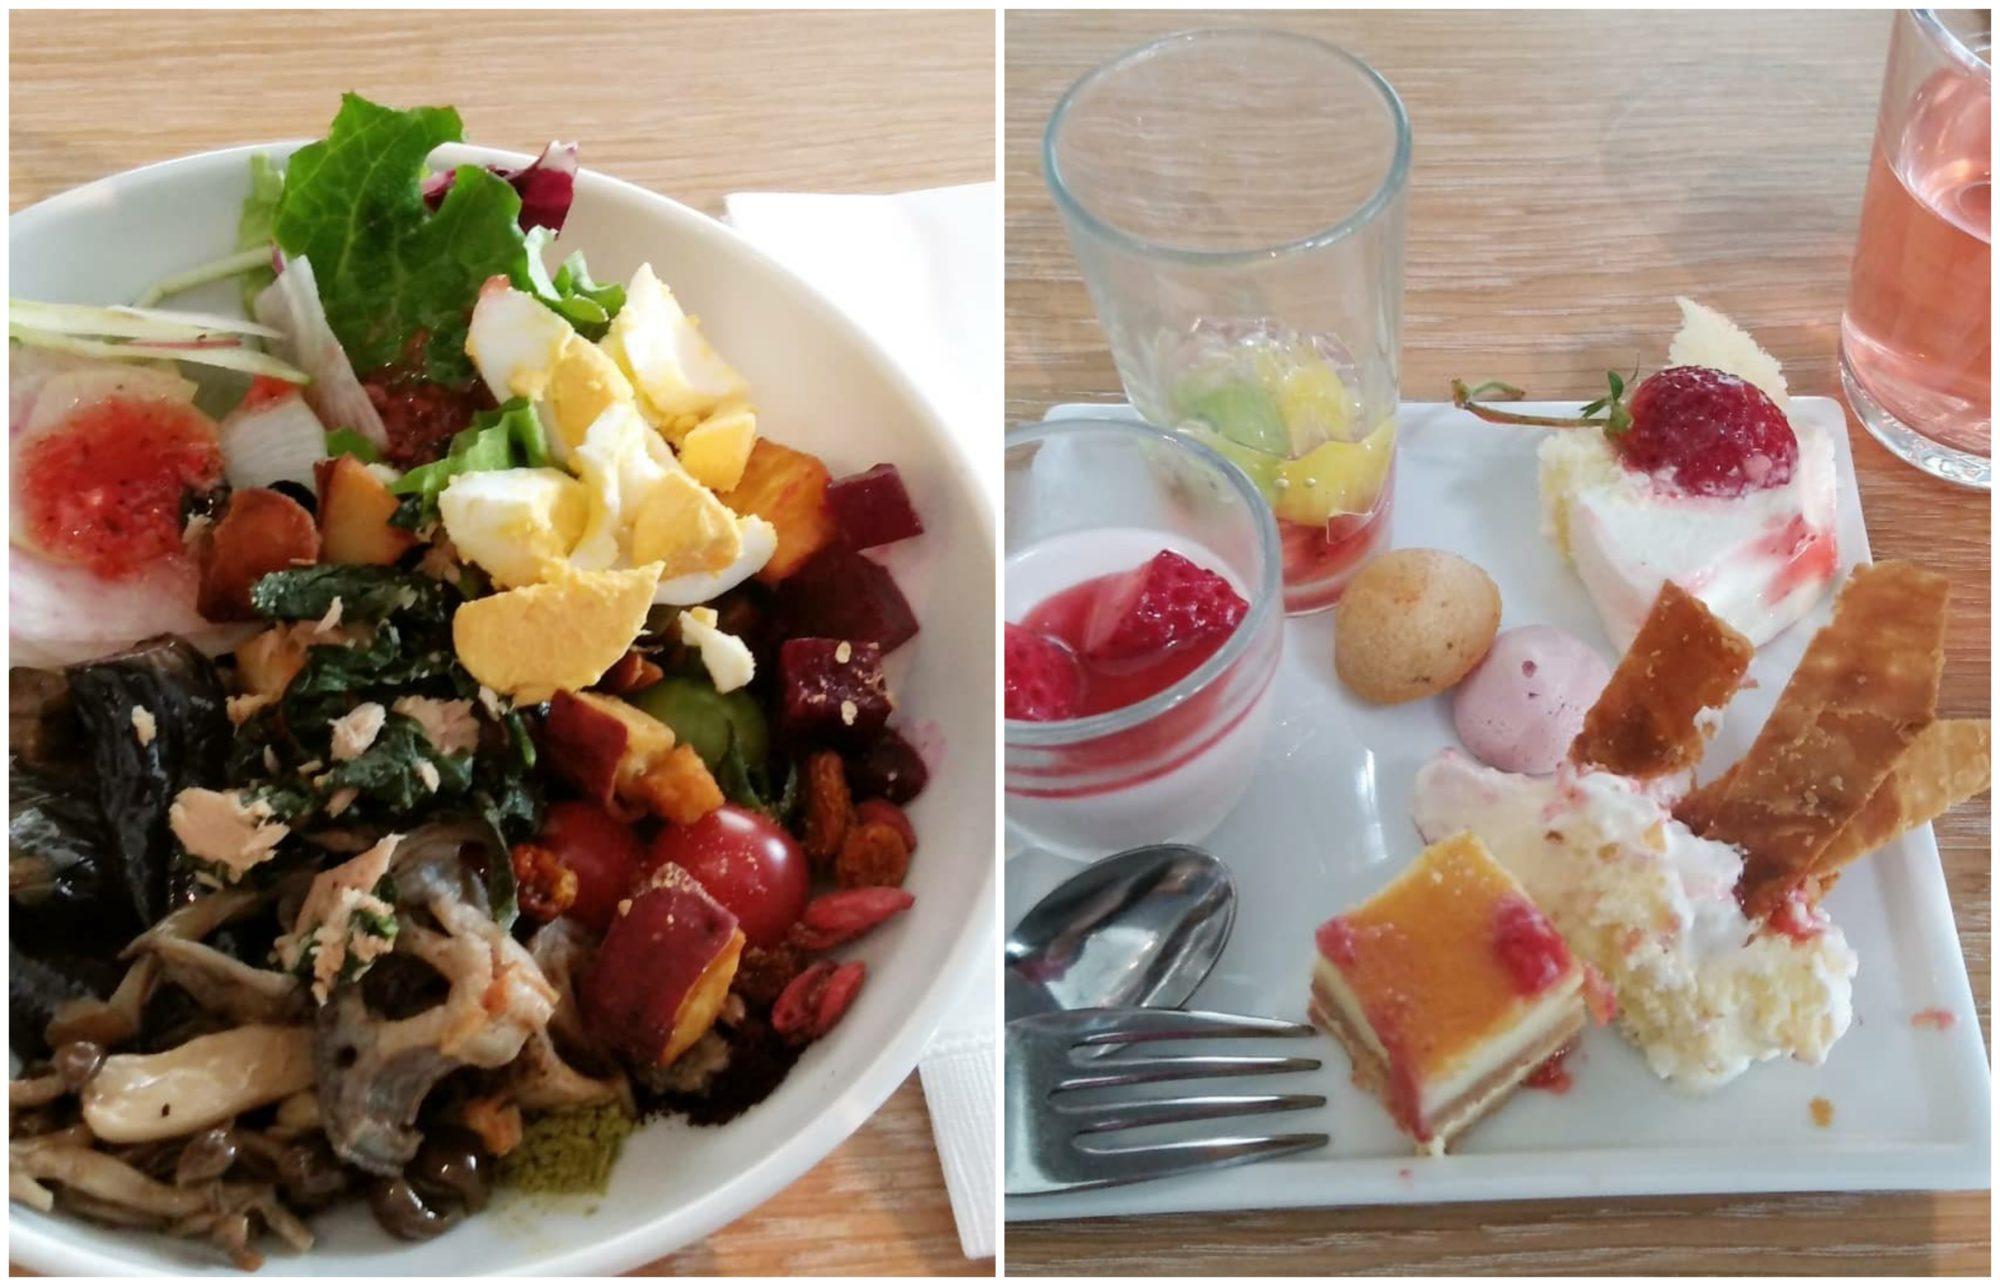 新鮮お野菜たっぷりのランチビュッフェ